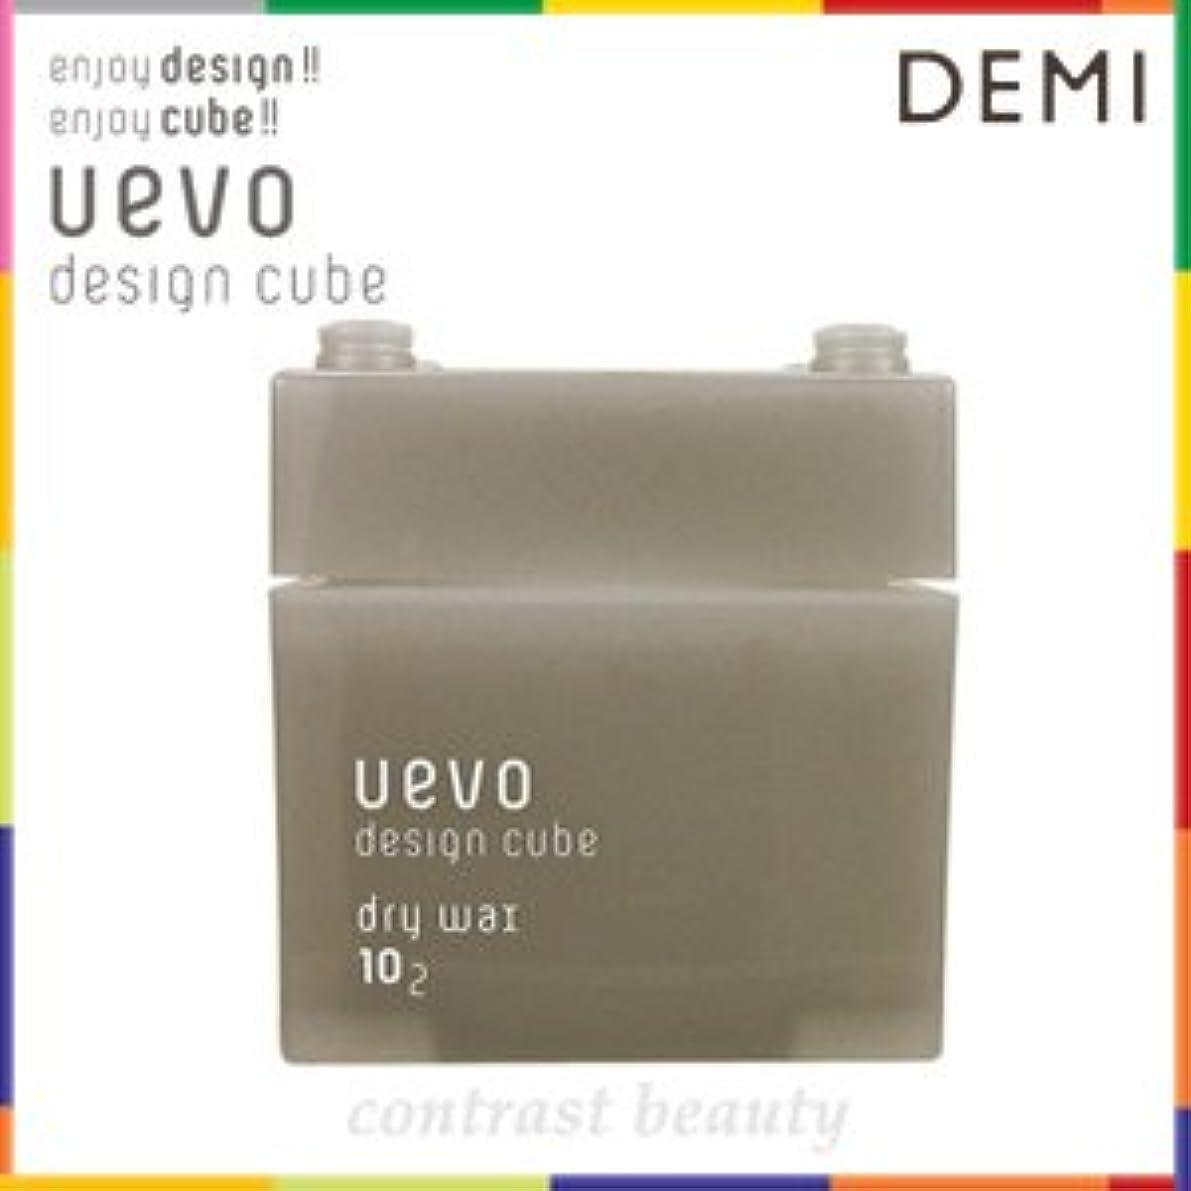 時制薬を飲む起点【X4個セット】 デミ ウェーボ デザインキューブ ドライワックス 80g dry wax DEMI uevo design cube